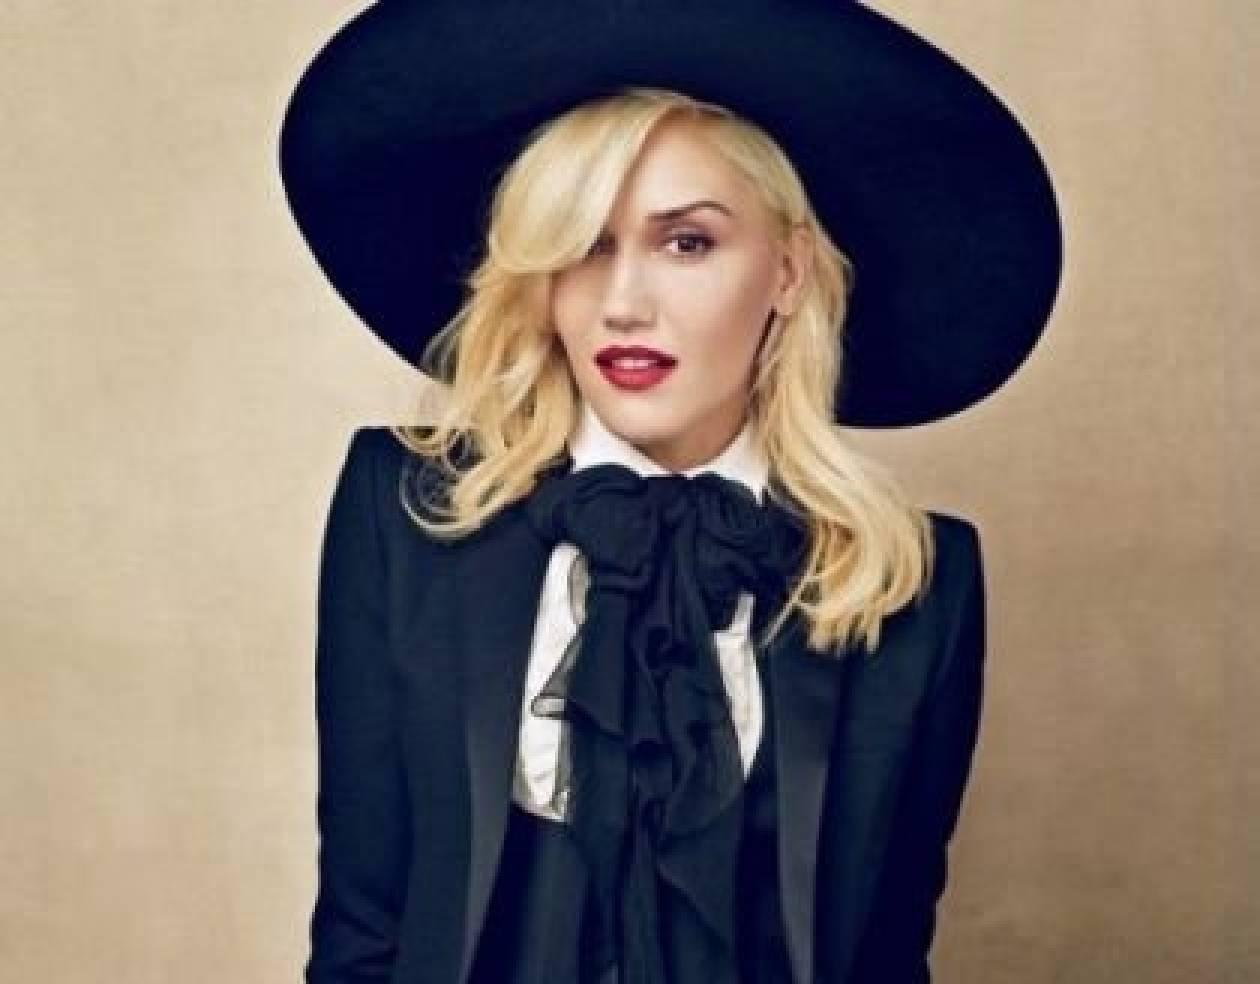 Η Gwen Stefani στο εξώφυλλο της αμερικανικής Vogue